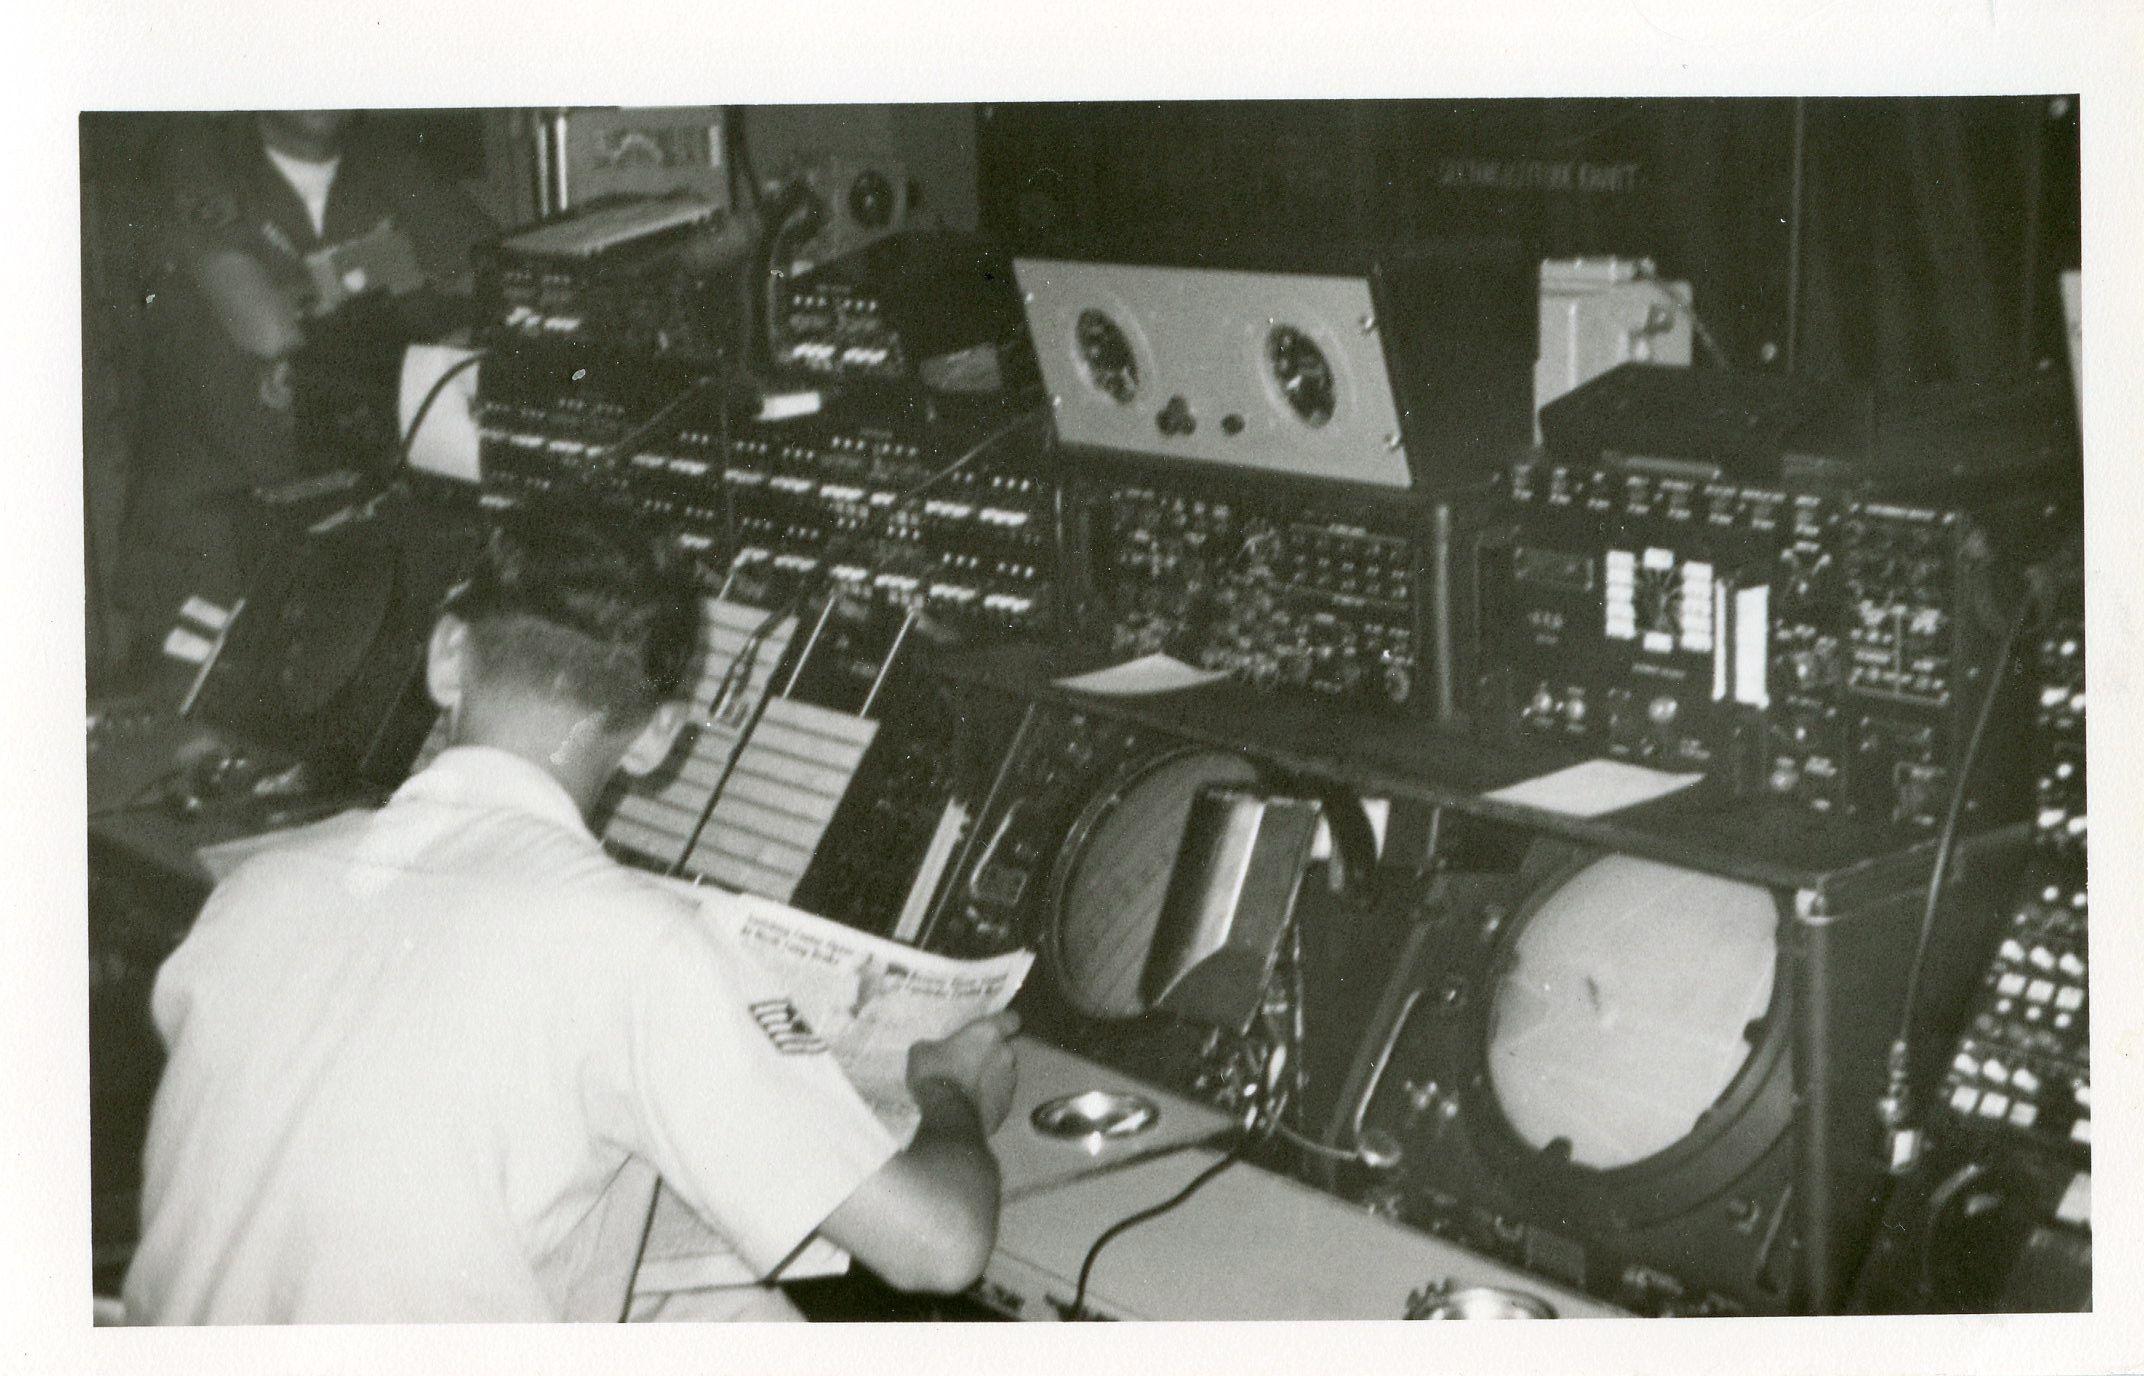 Radar Approach Control (RAPCON) Takhli RTAFB 1968